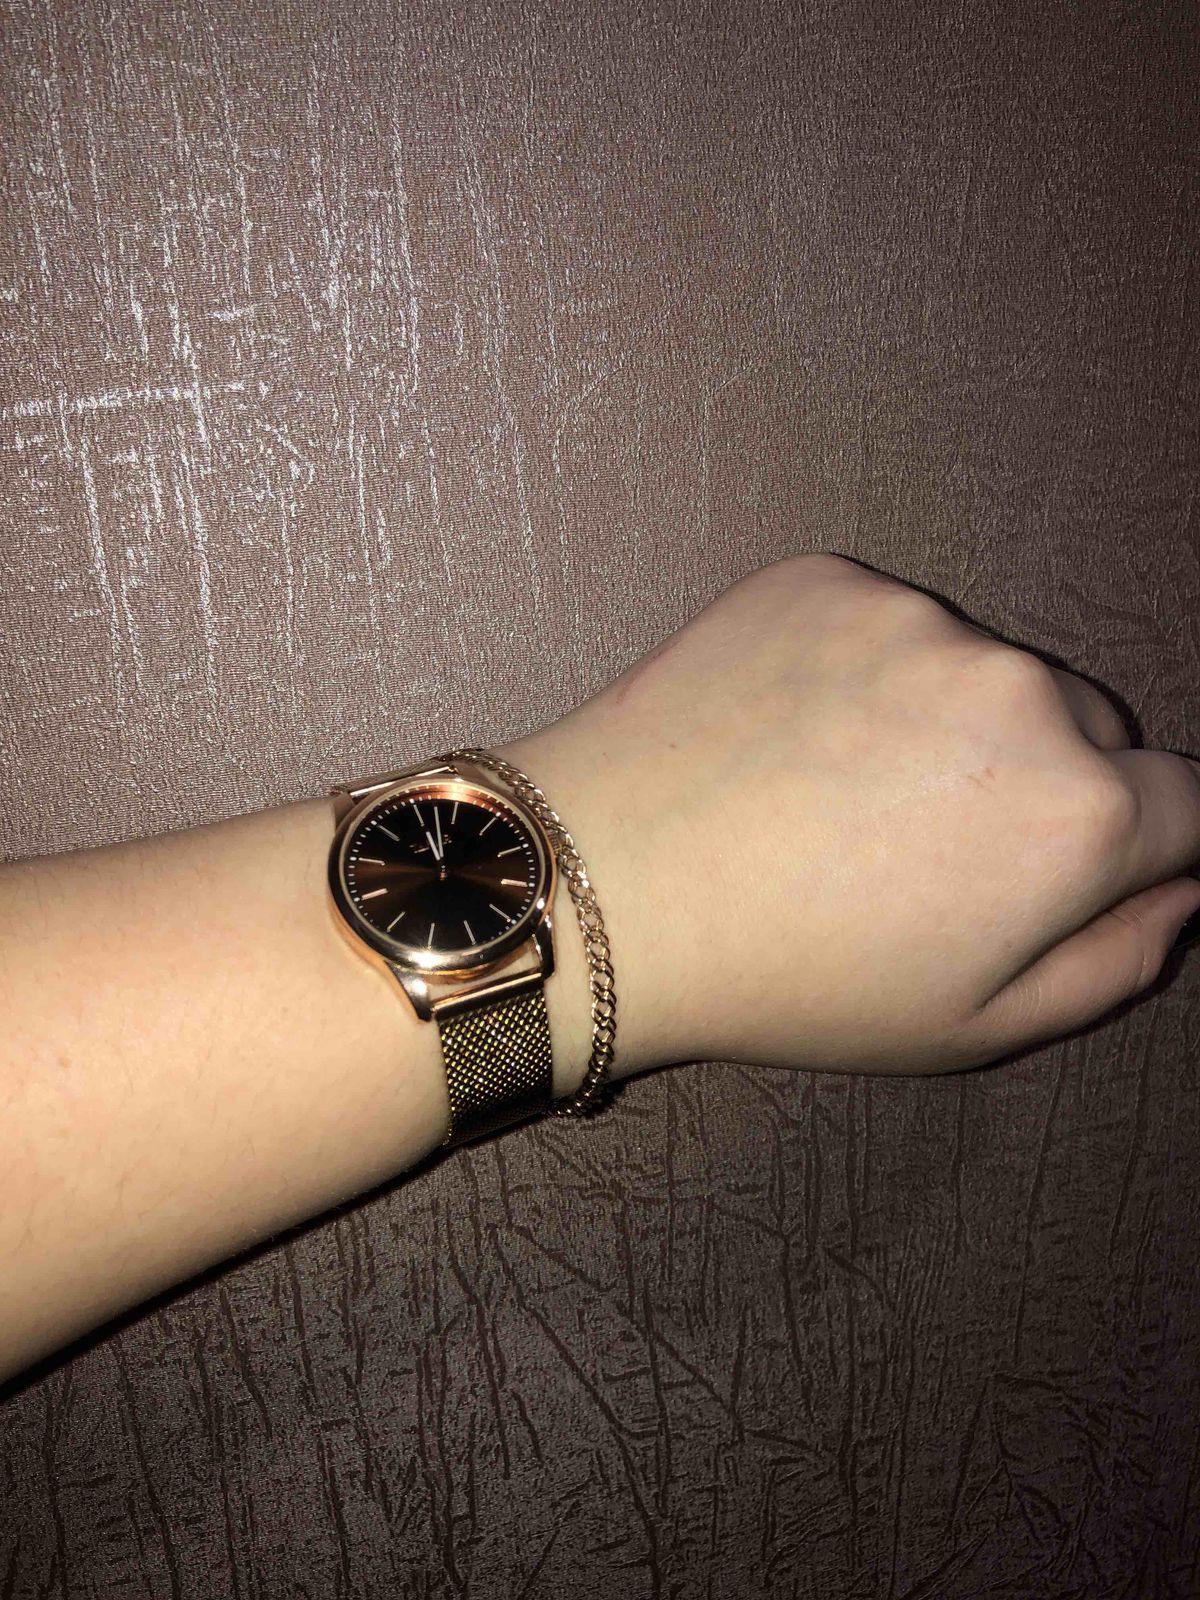 Часы под розовое золото😻😻